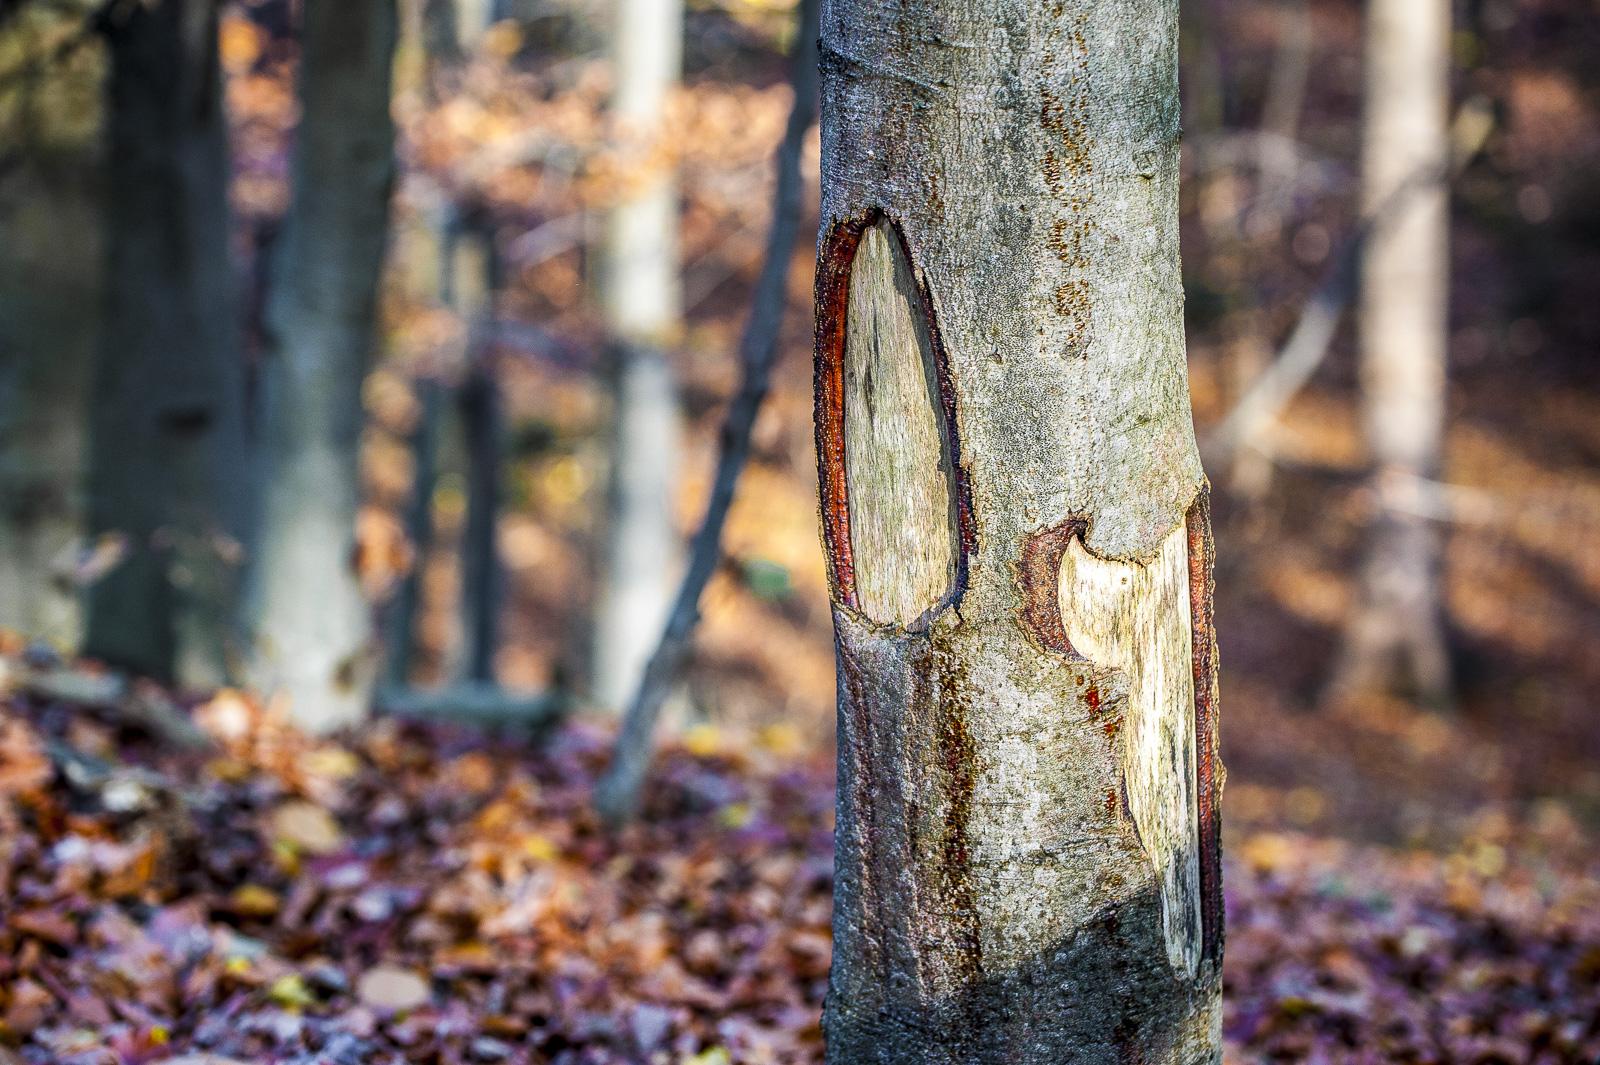 Baumstamm mit tiefen Löchern in der Rinde